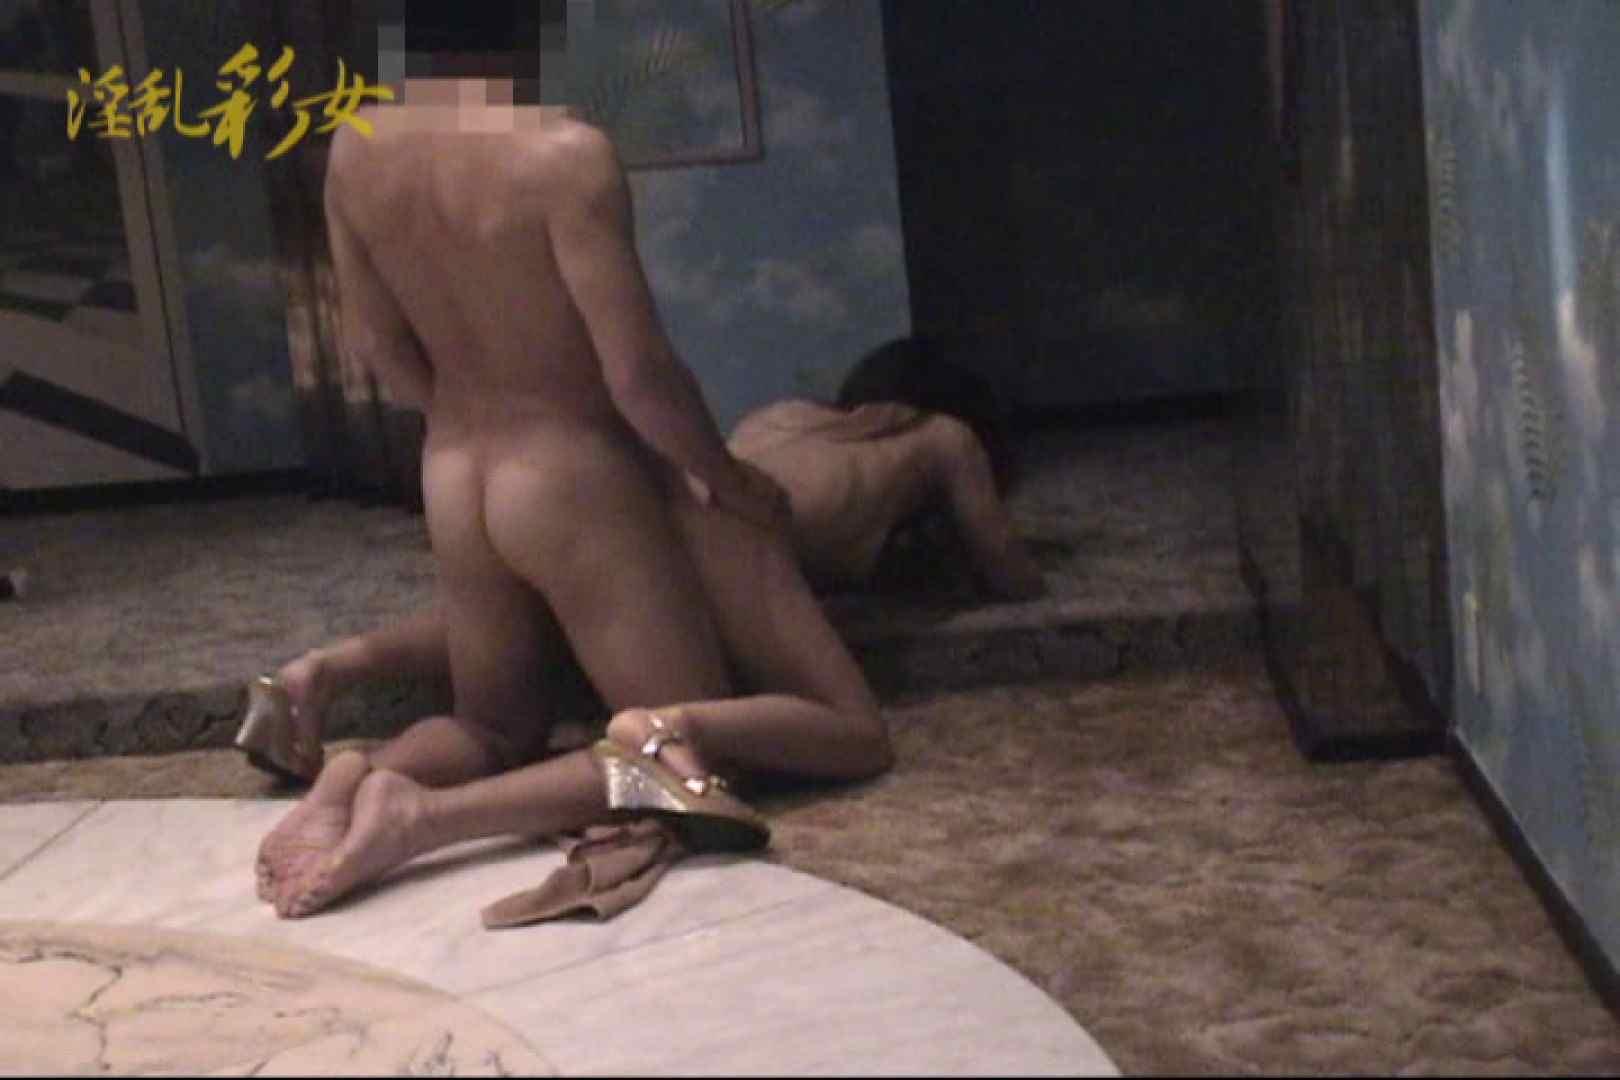 淫乱彩女 麻優里 ホテルで3P絶倫編2 ホテル  62連発 14